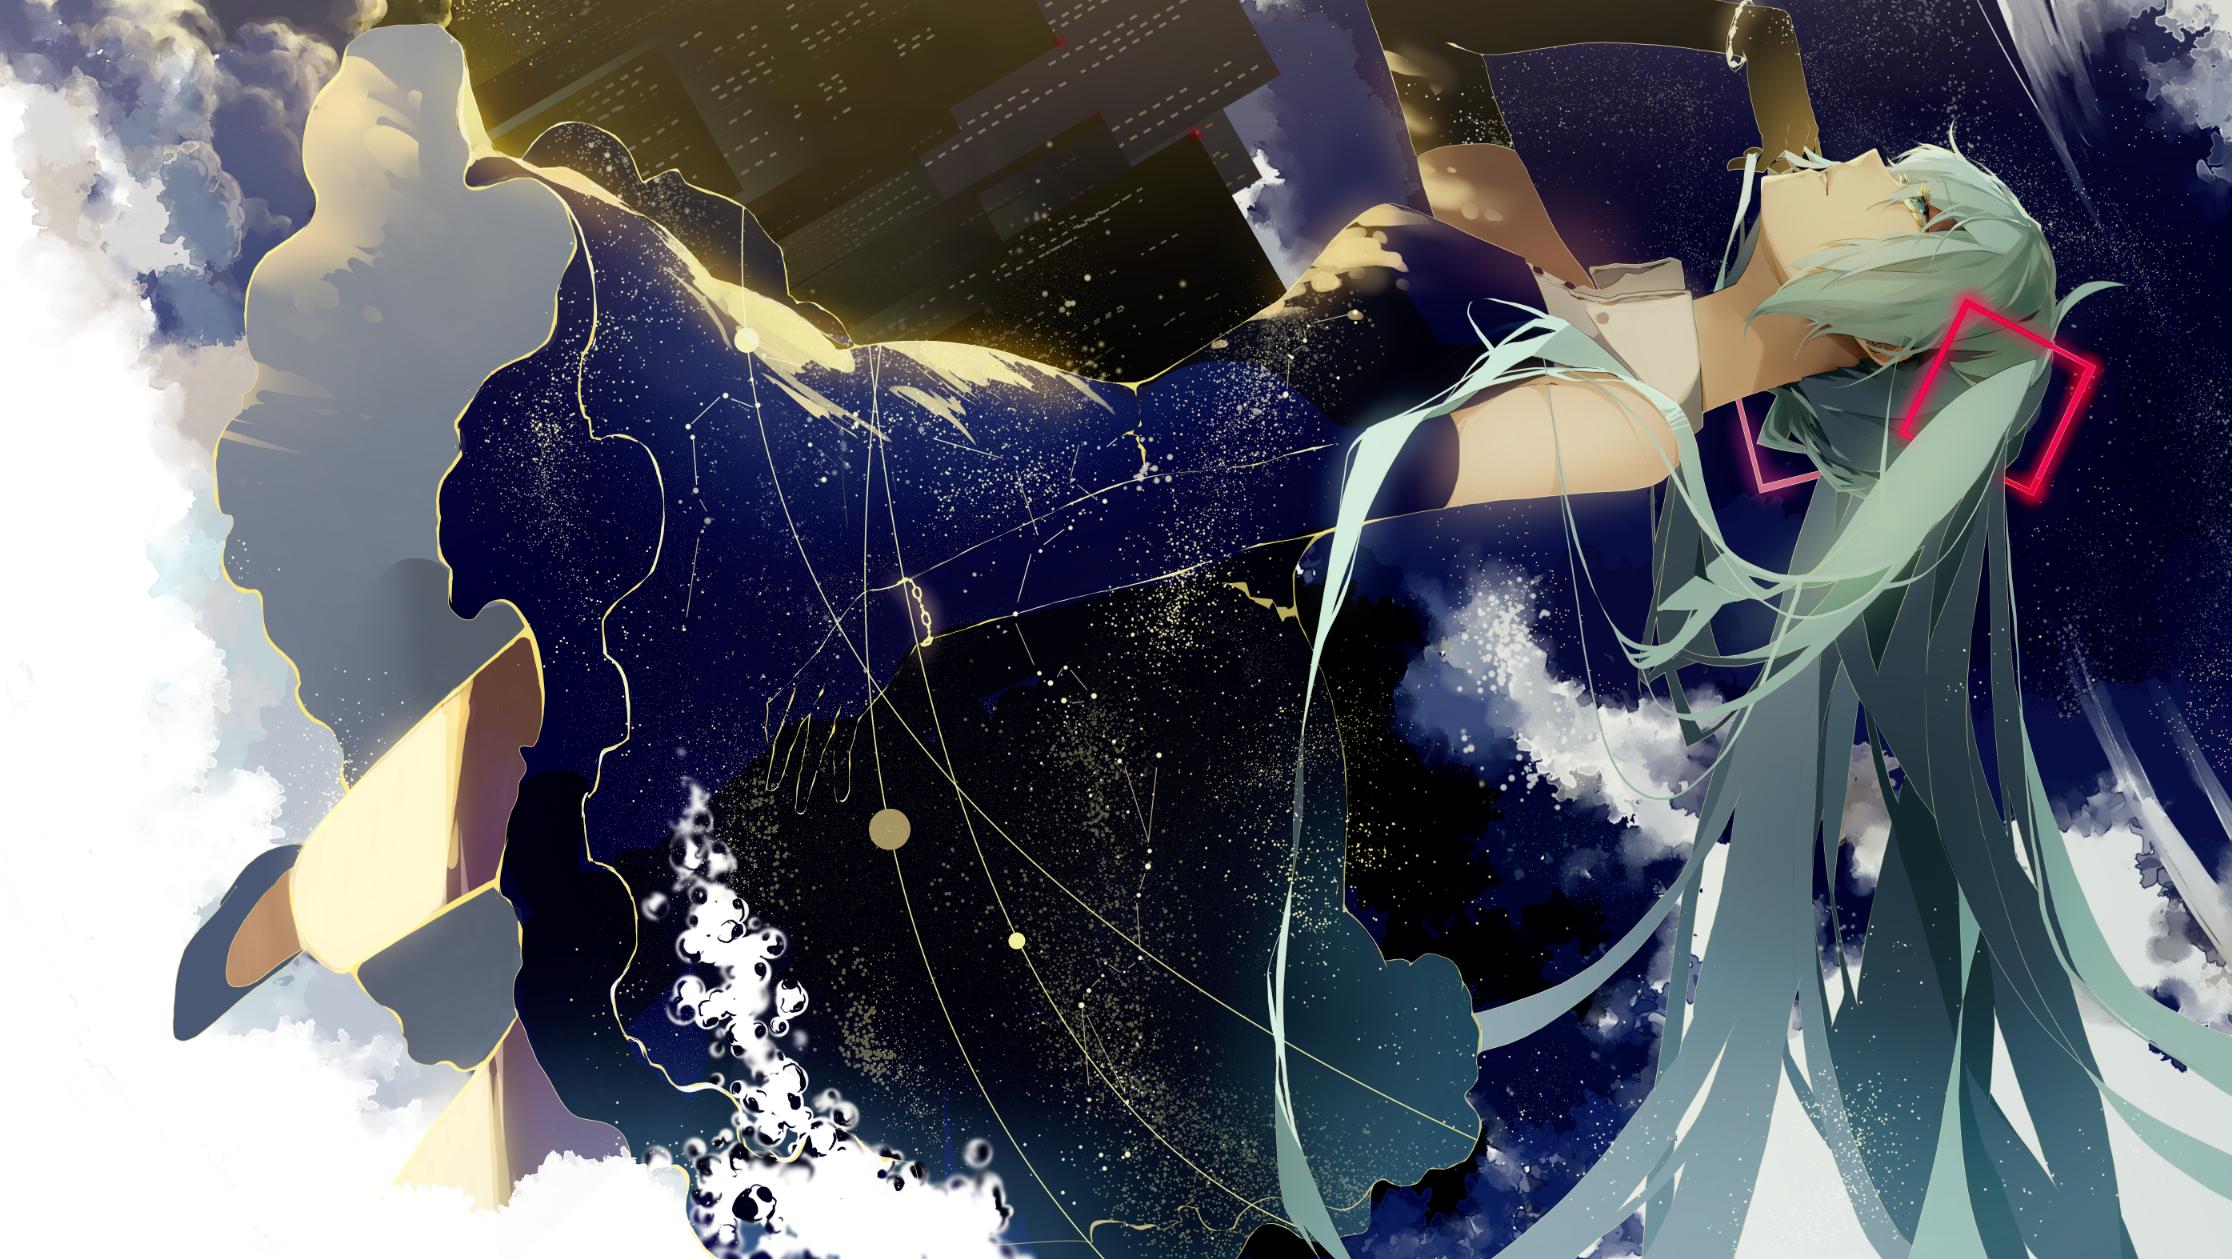 ミクオリジナル曲】ミッドナイトダンサー by saihate